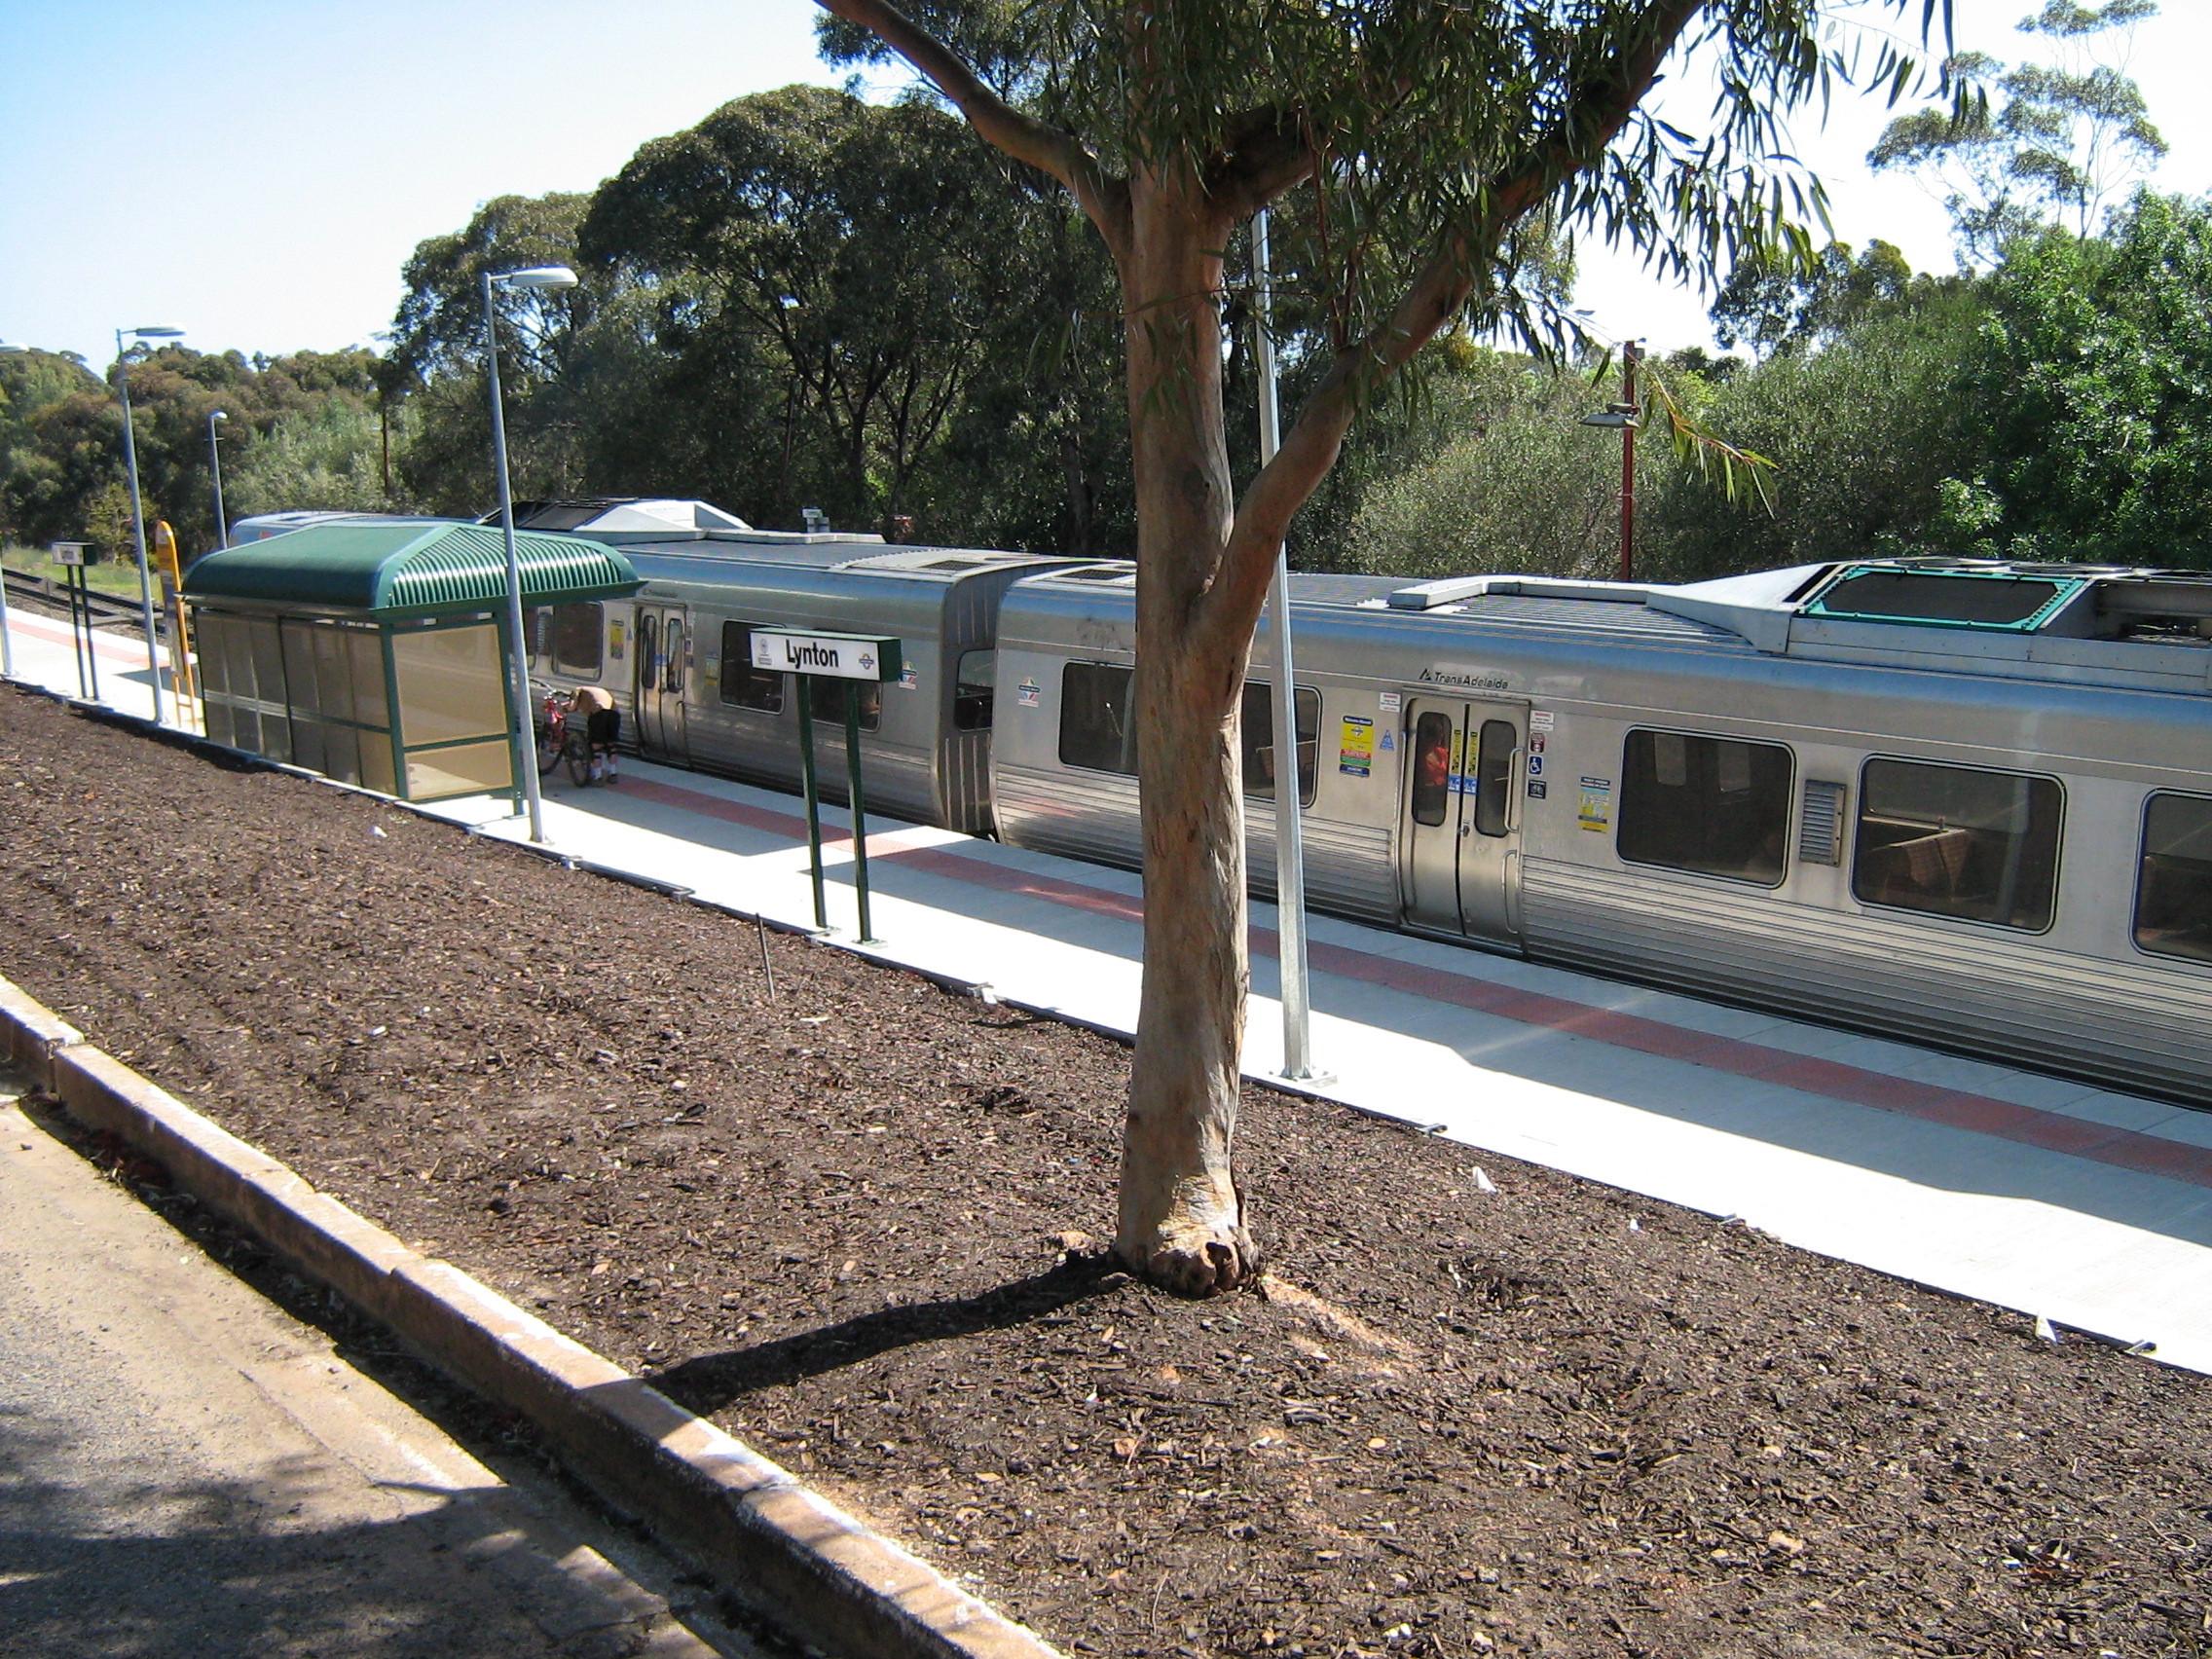 Lynton train station and car park